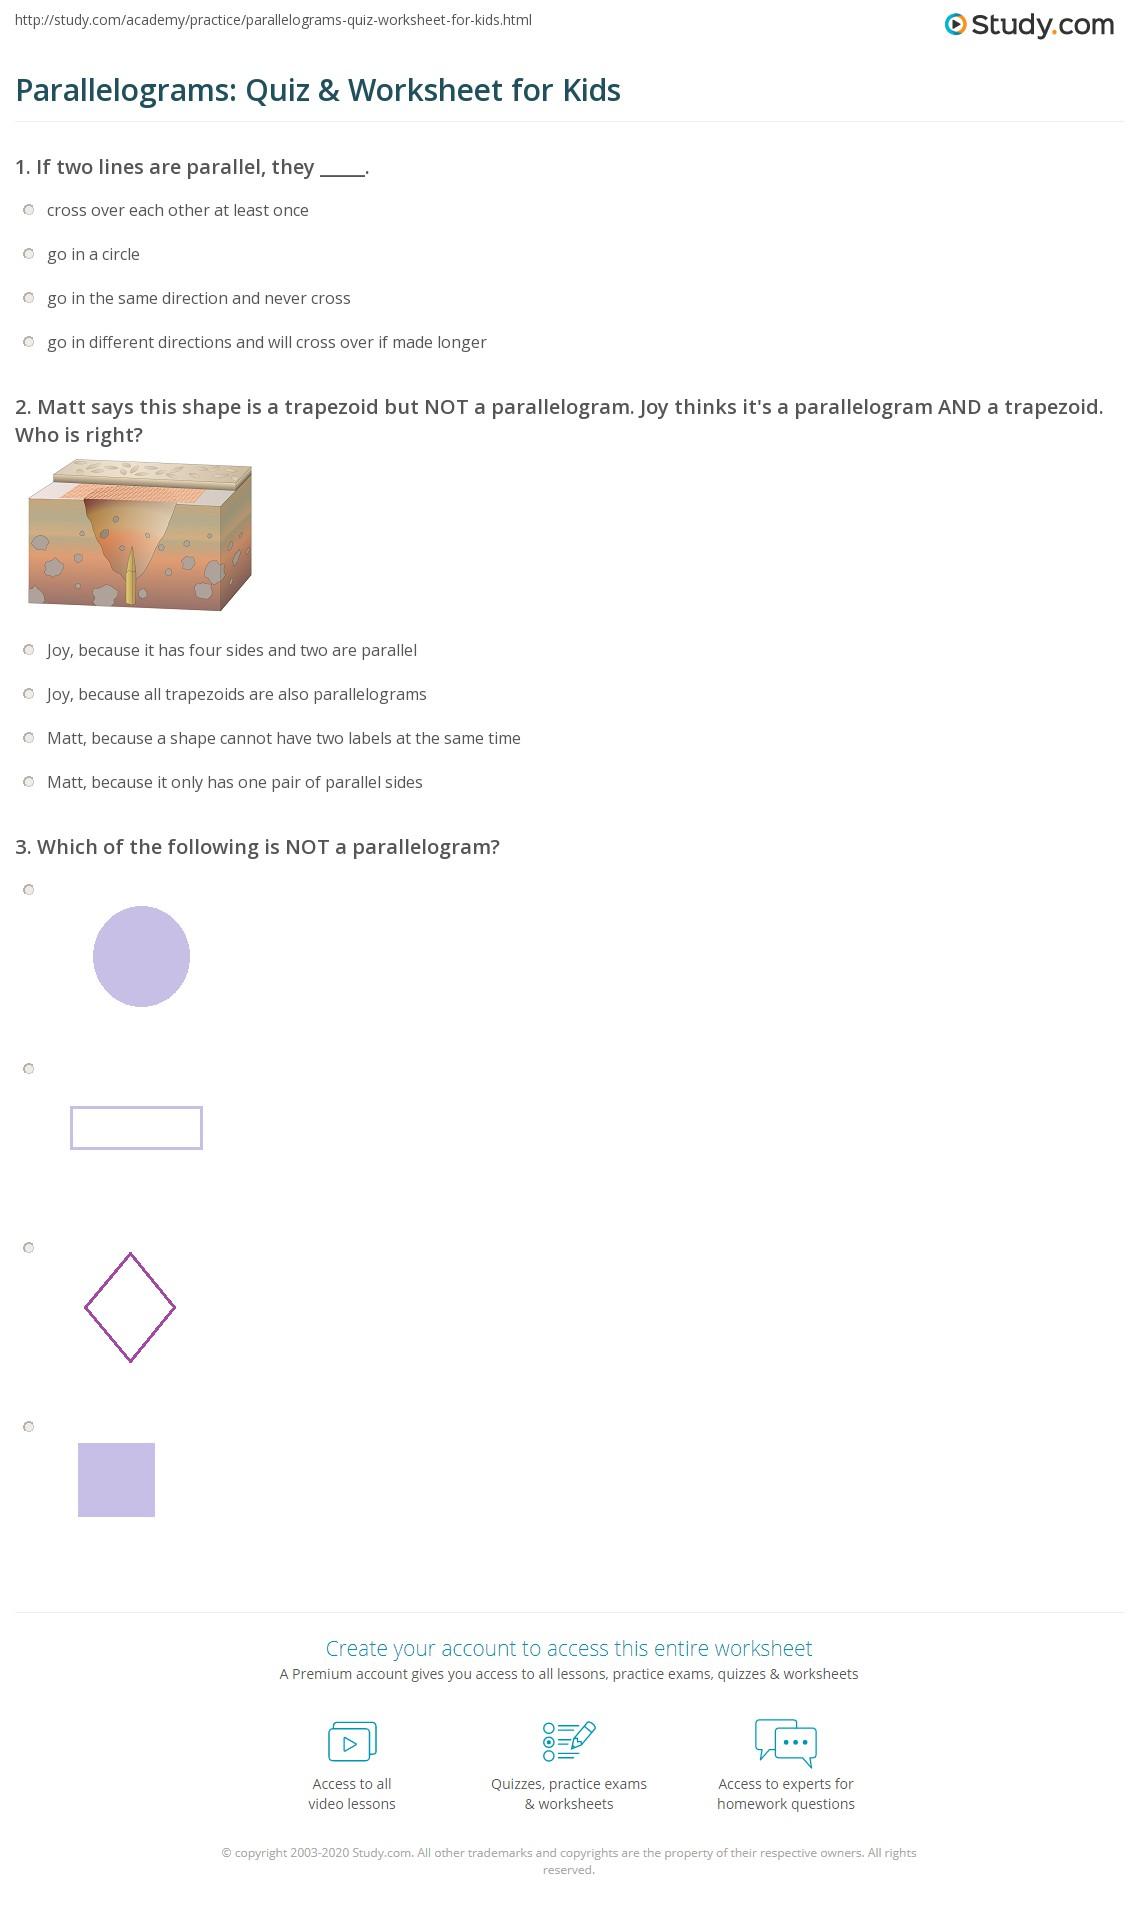 Worksheet Parallelogram Worksheet Carlos Lomas Worksheet For Everyone